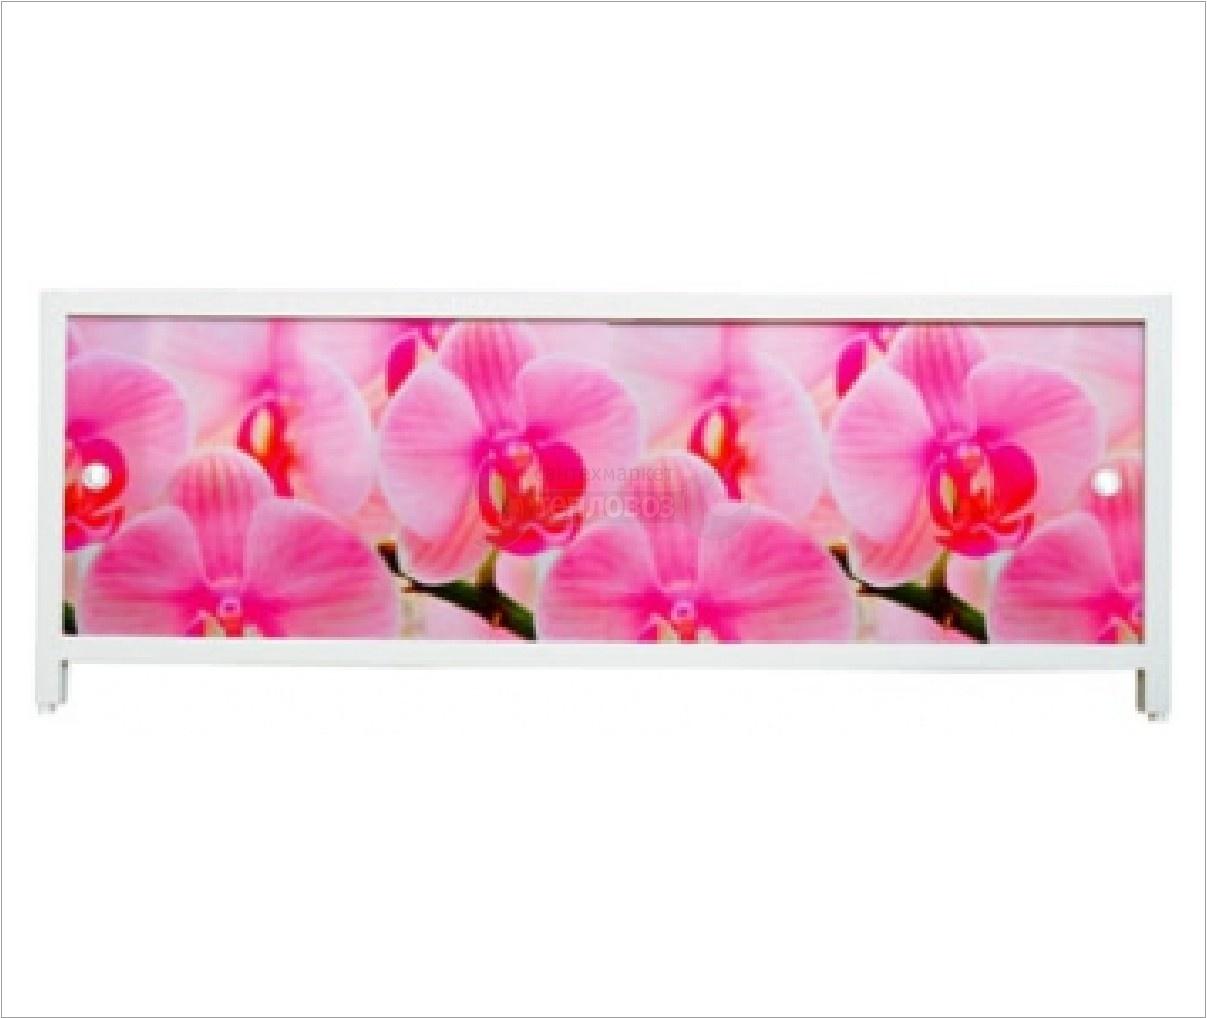 Метакам Ультра-Легкий АРТ 148 см, дикая орхидея